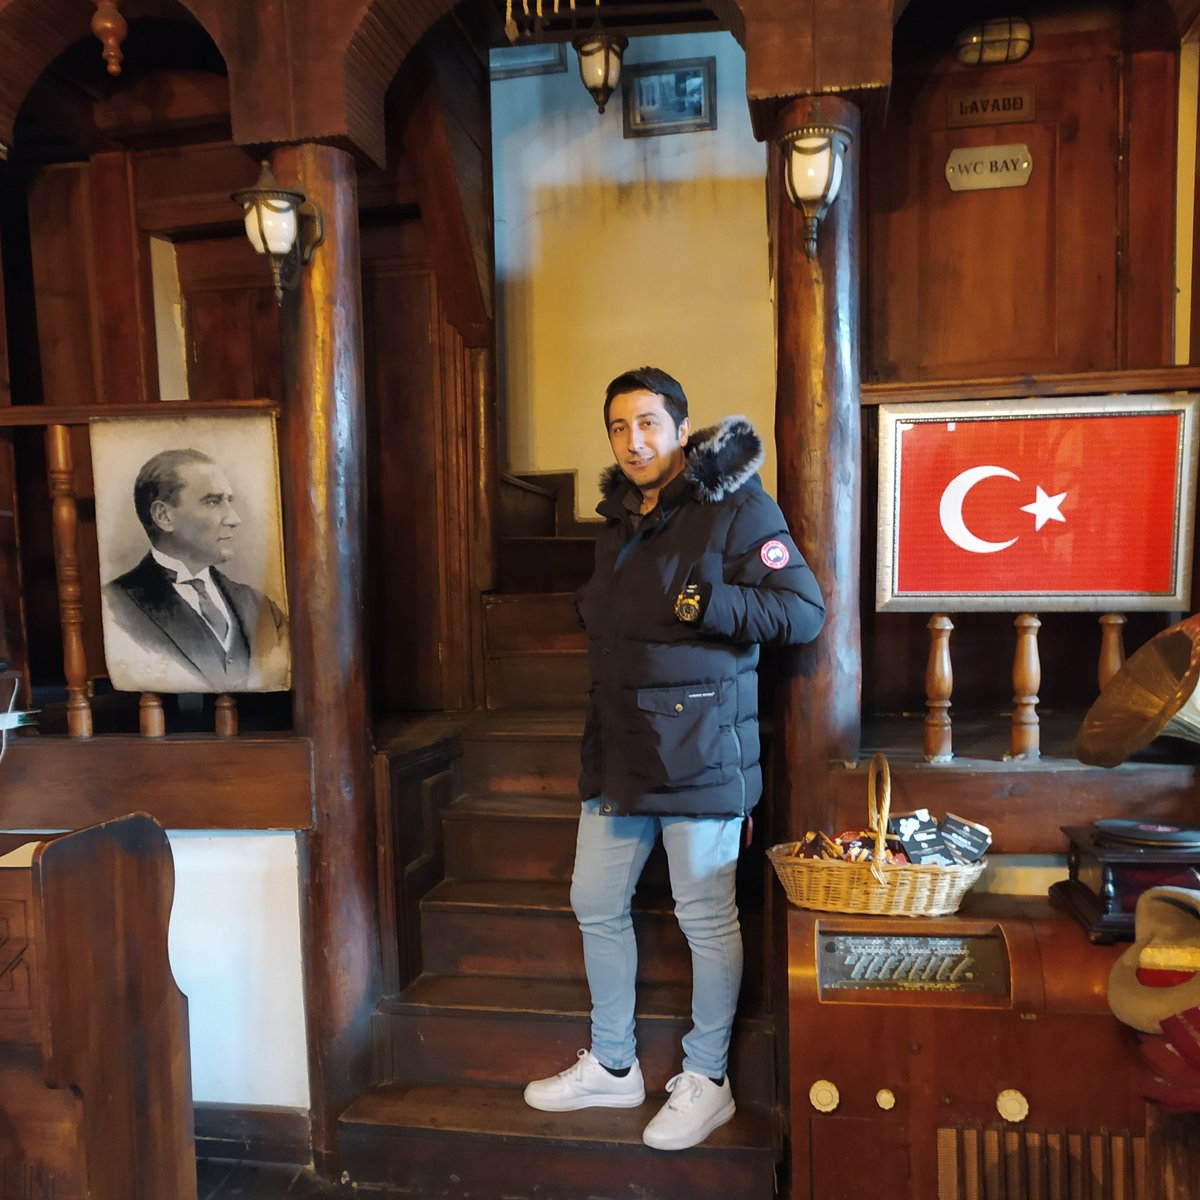 #YeniProfilResmipic.twitter.com/Qh3xI3BGrx